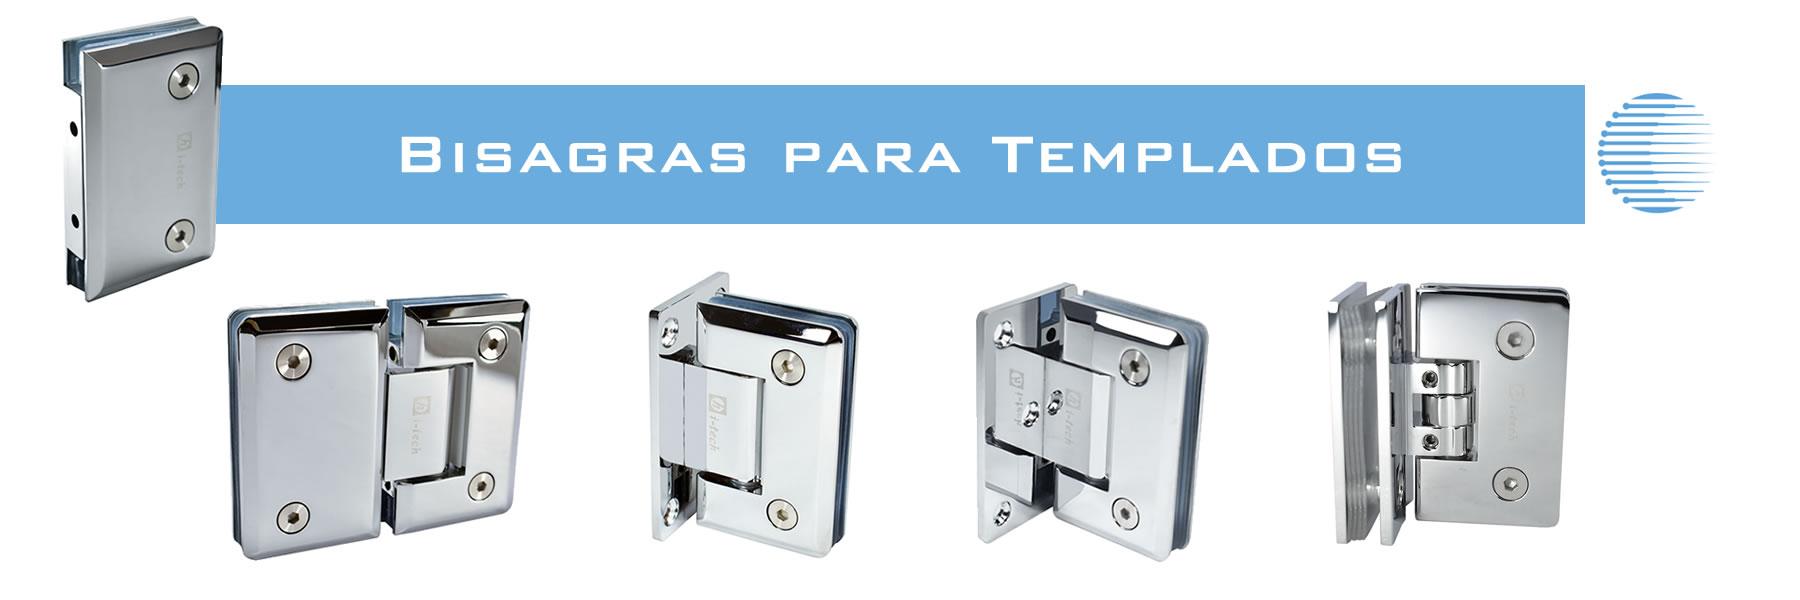 Slide-bisagras-templados